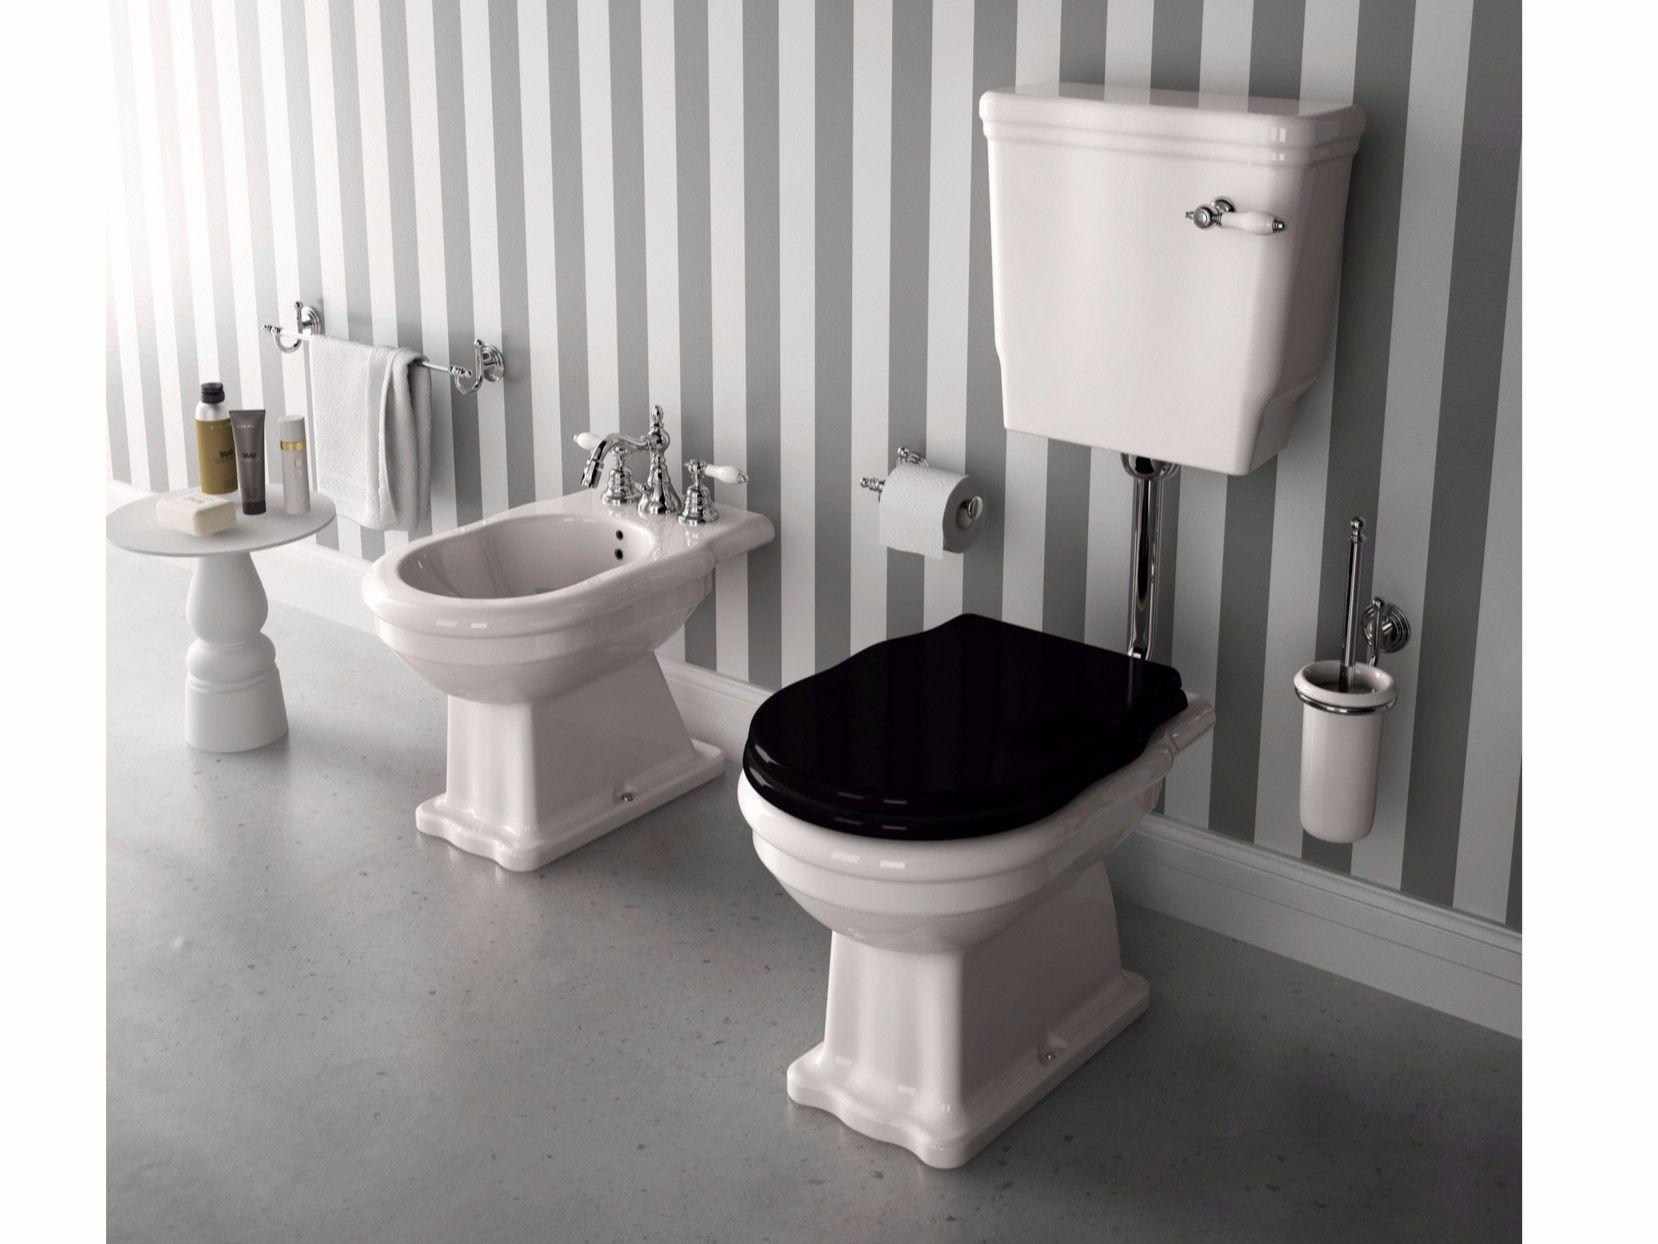 Ellade wc con cassetta esterna by hidra ceramica - Wc con cassetta esterna ...